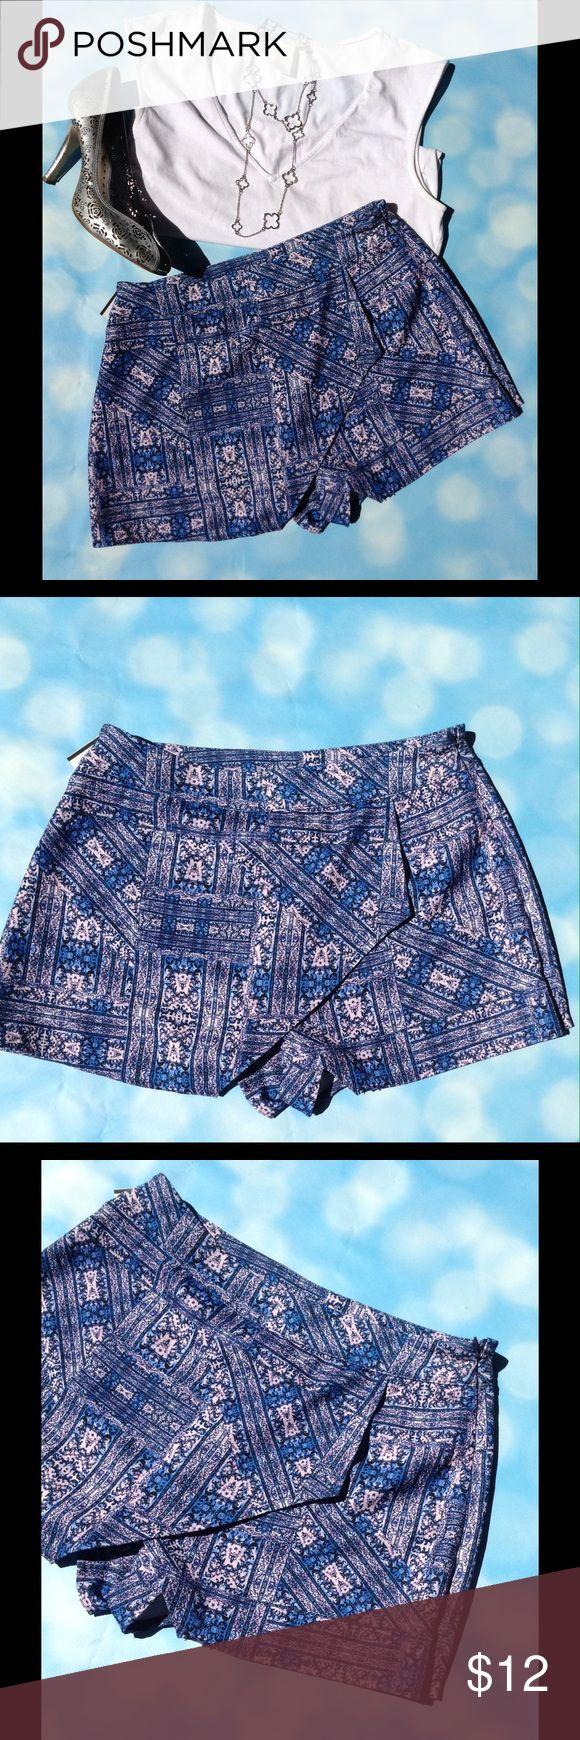 Shirt design envelope - Printed Envelope Shorts Skort Super Cute Envelope Shorts Blue Pink And Black Designs